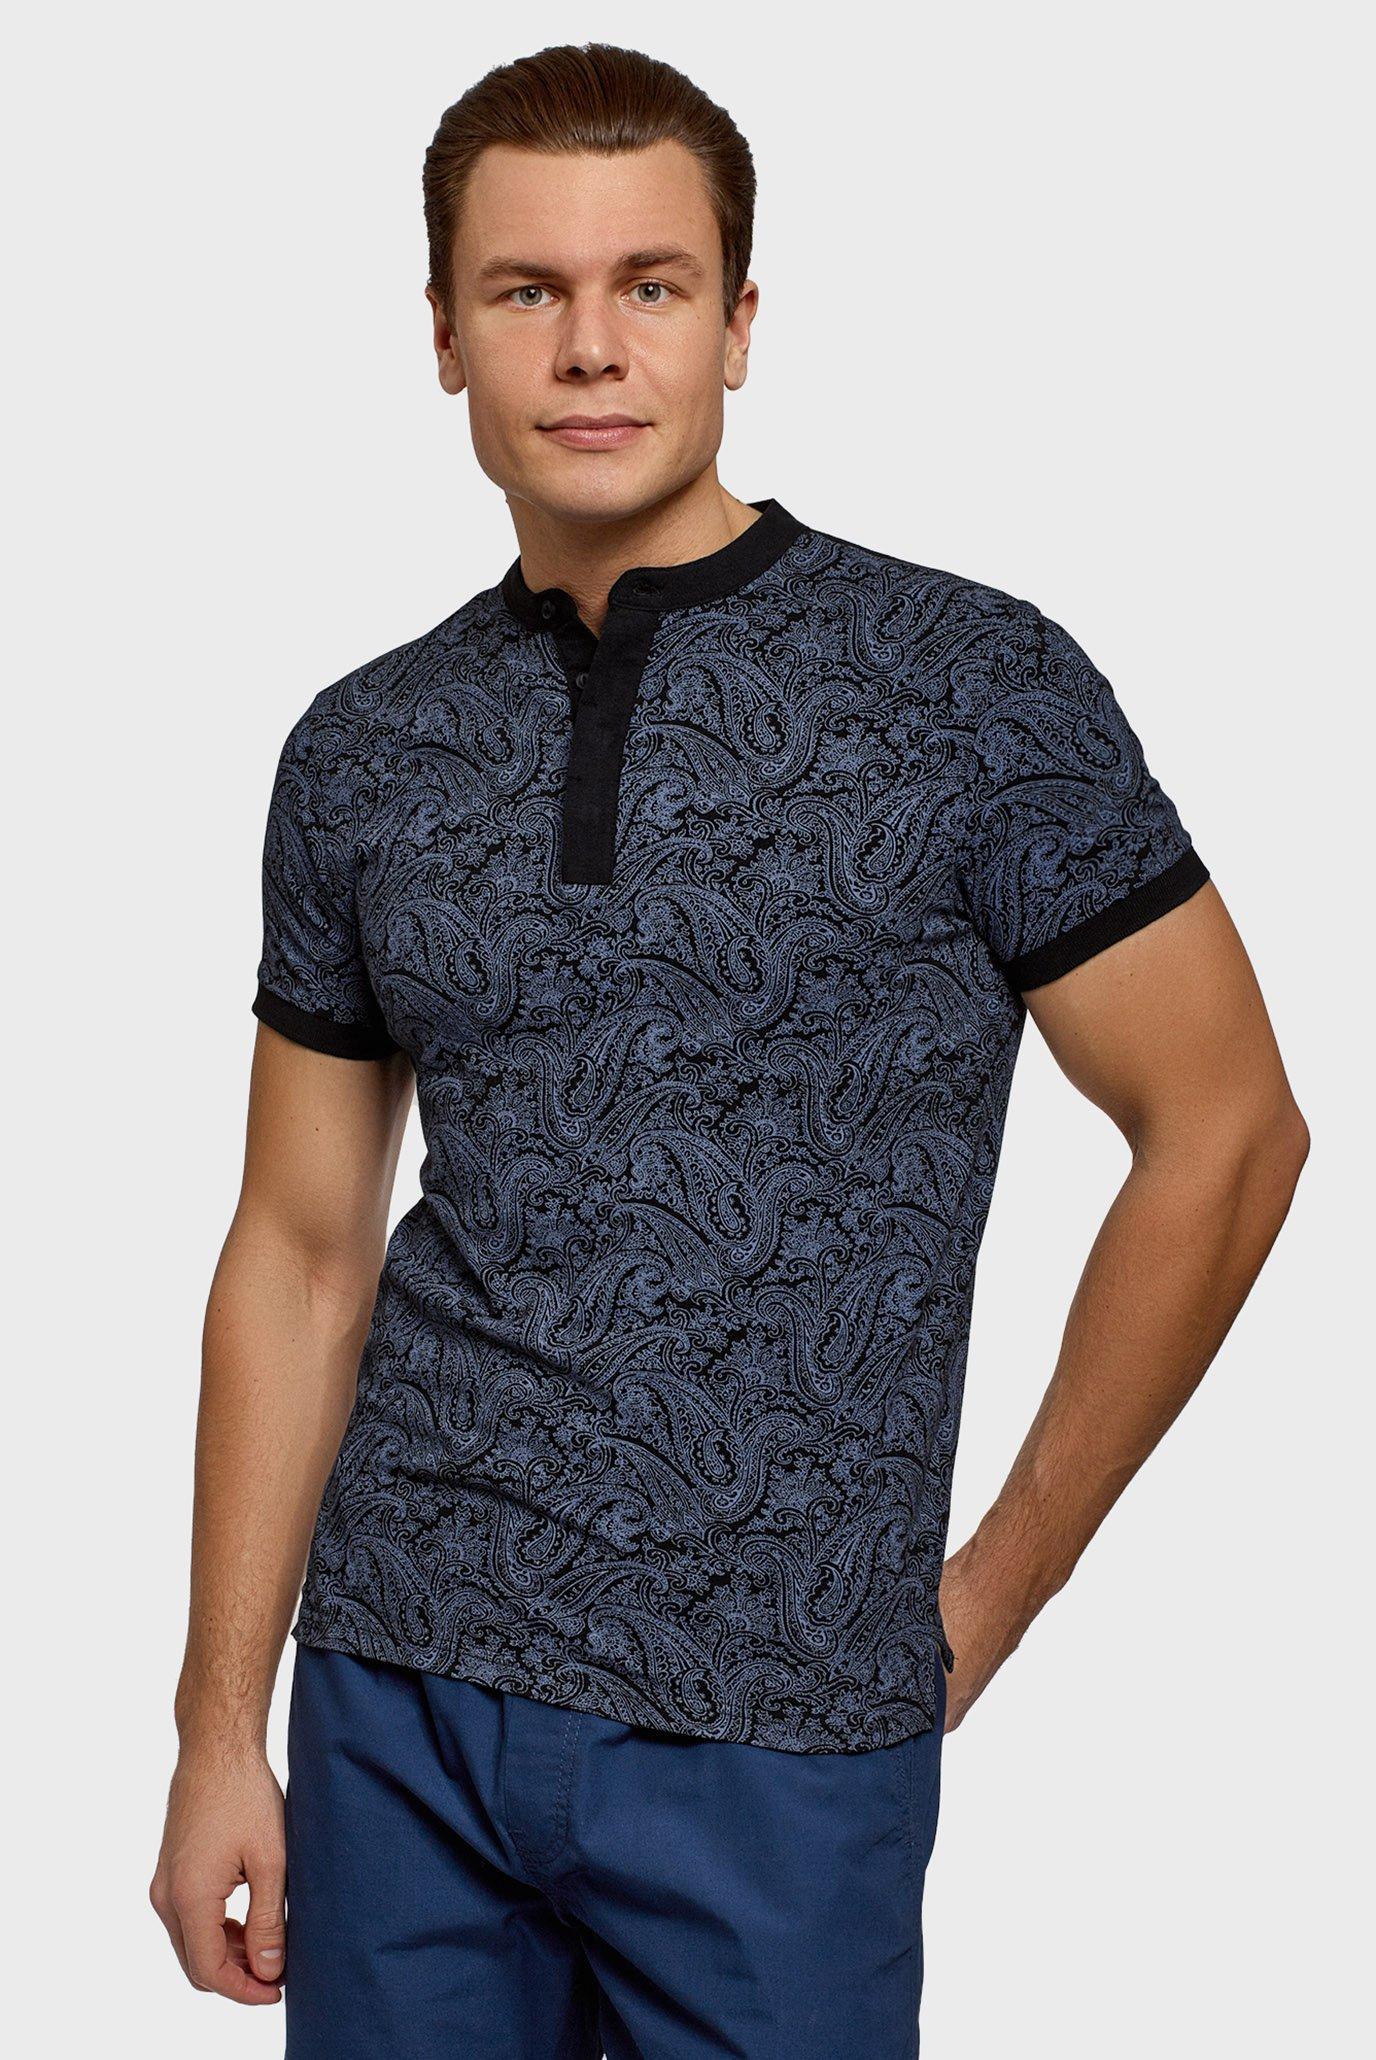 Чоловіча футболка з візерунком 1